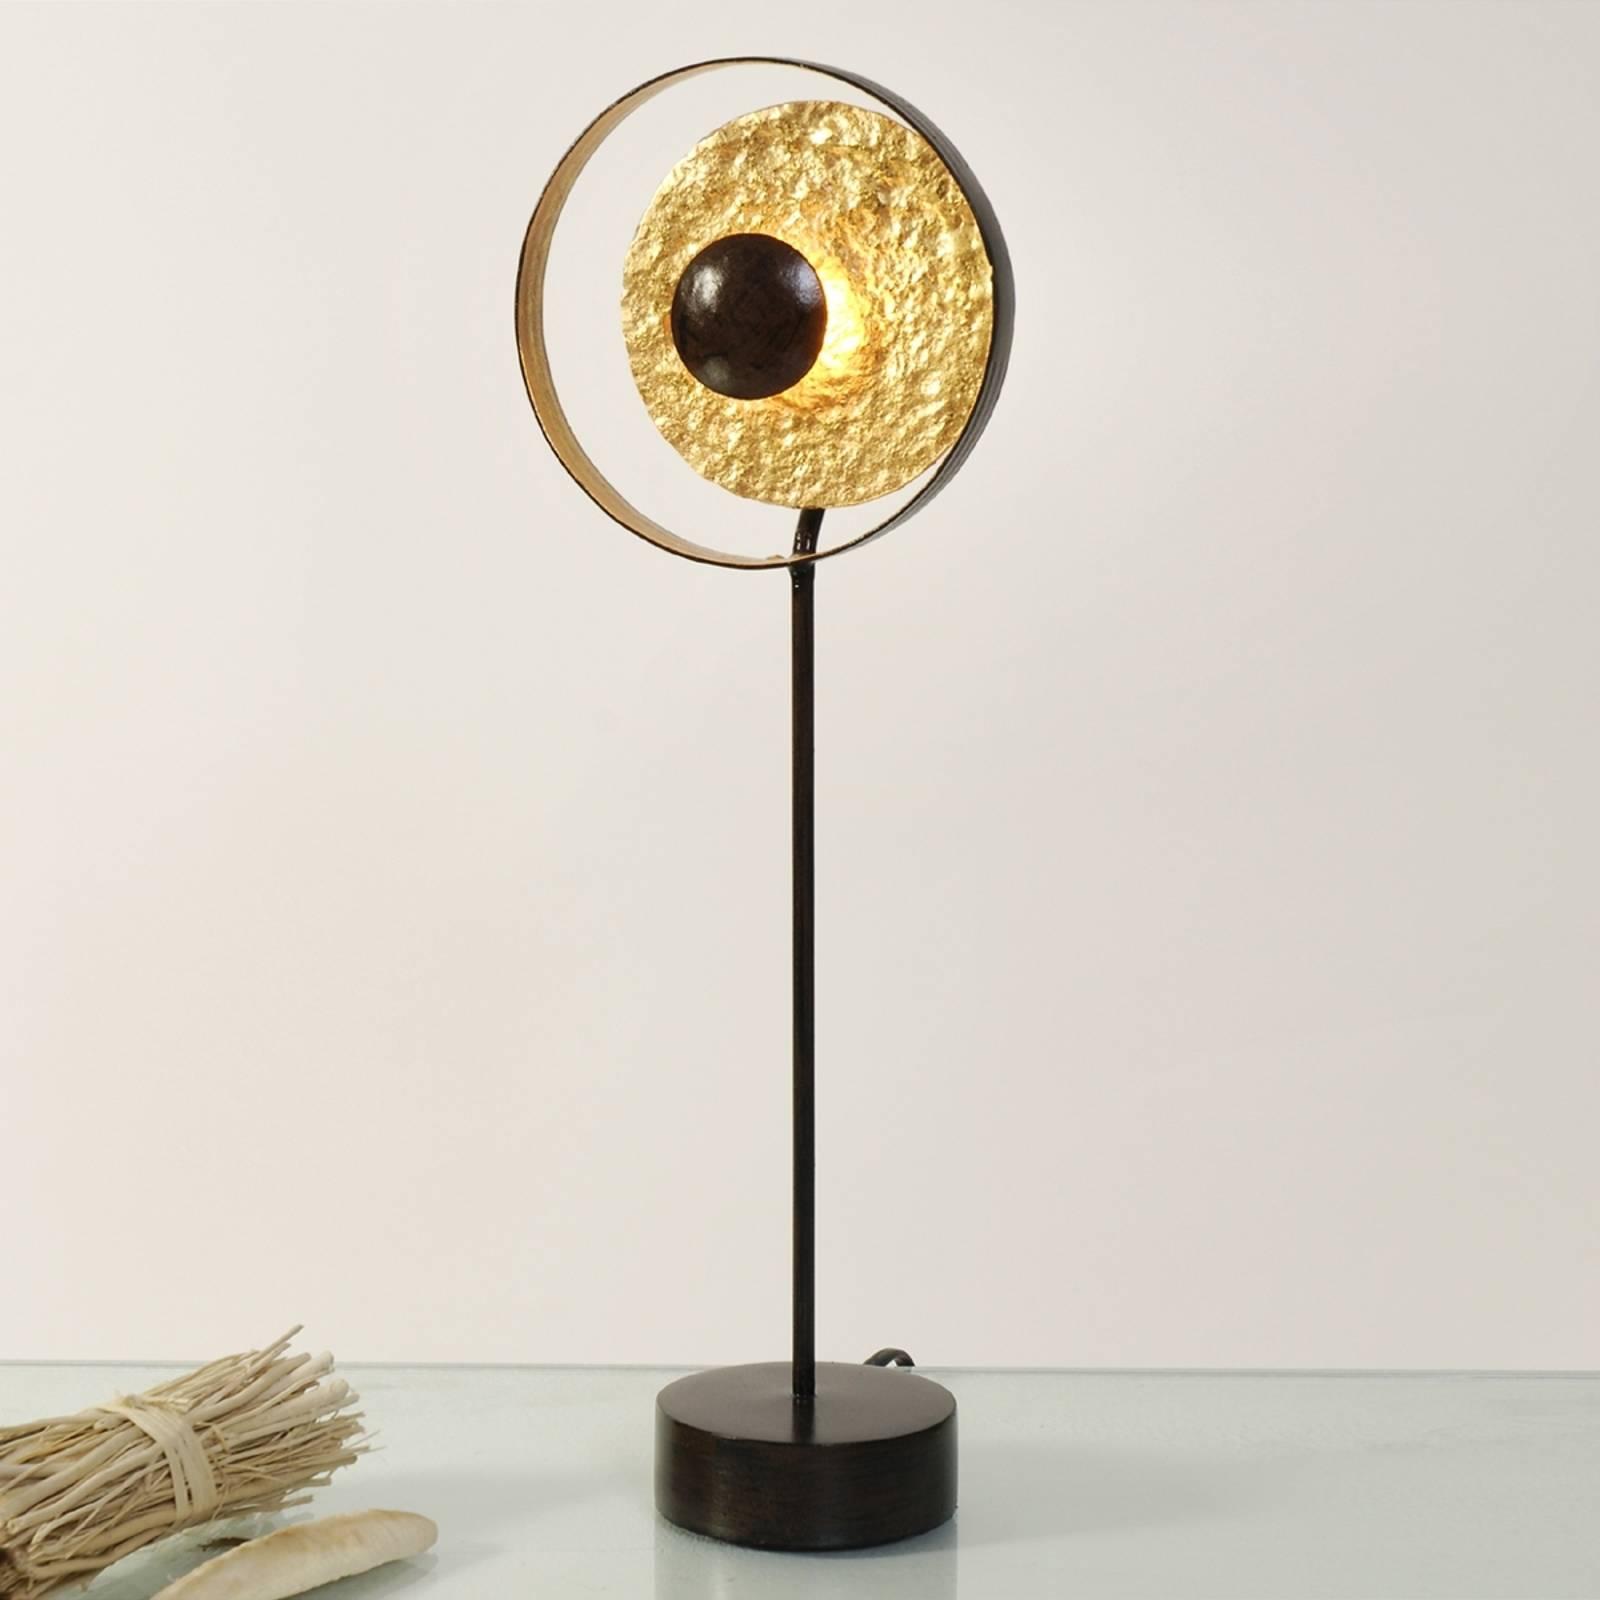 Pöytävalaisin Satellite, kulta-ruskea, K 42 cm